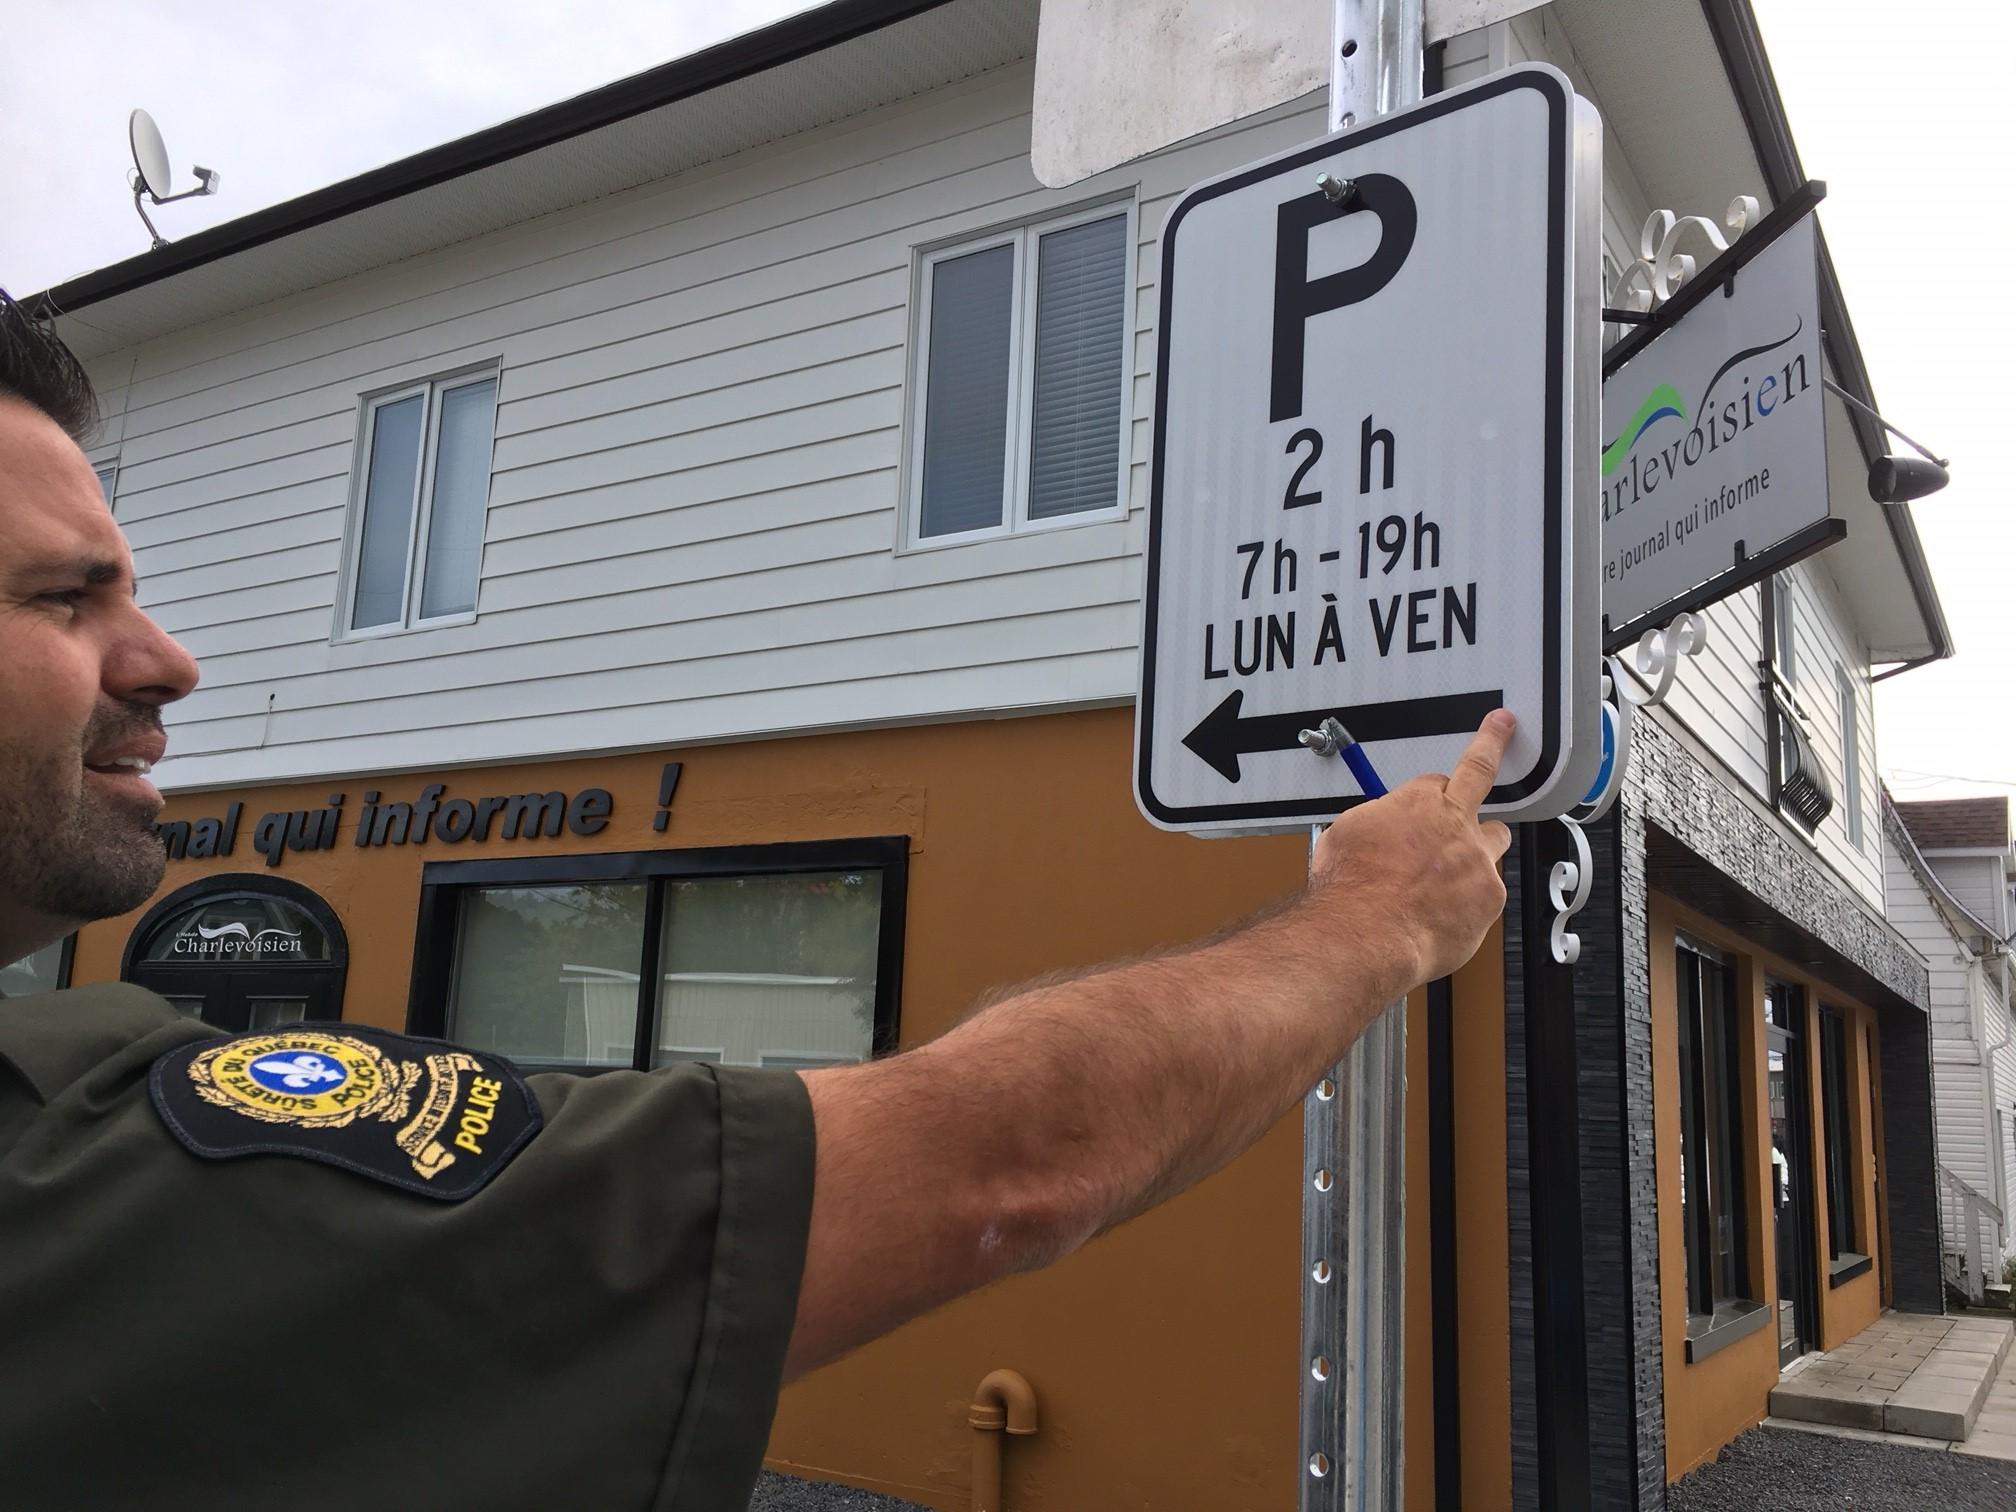 La réglementation sur les stationnements enfin appliquée à La Malbaie